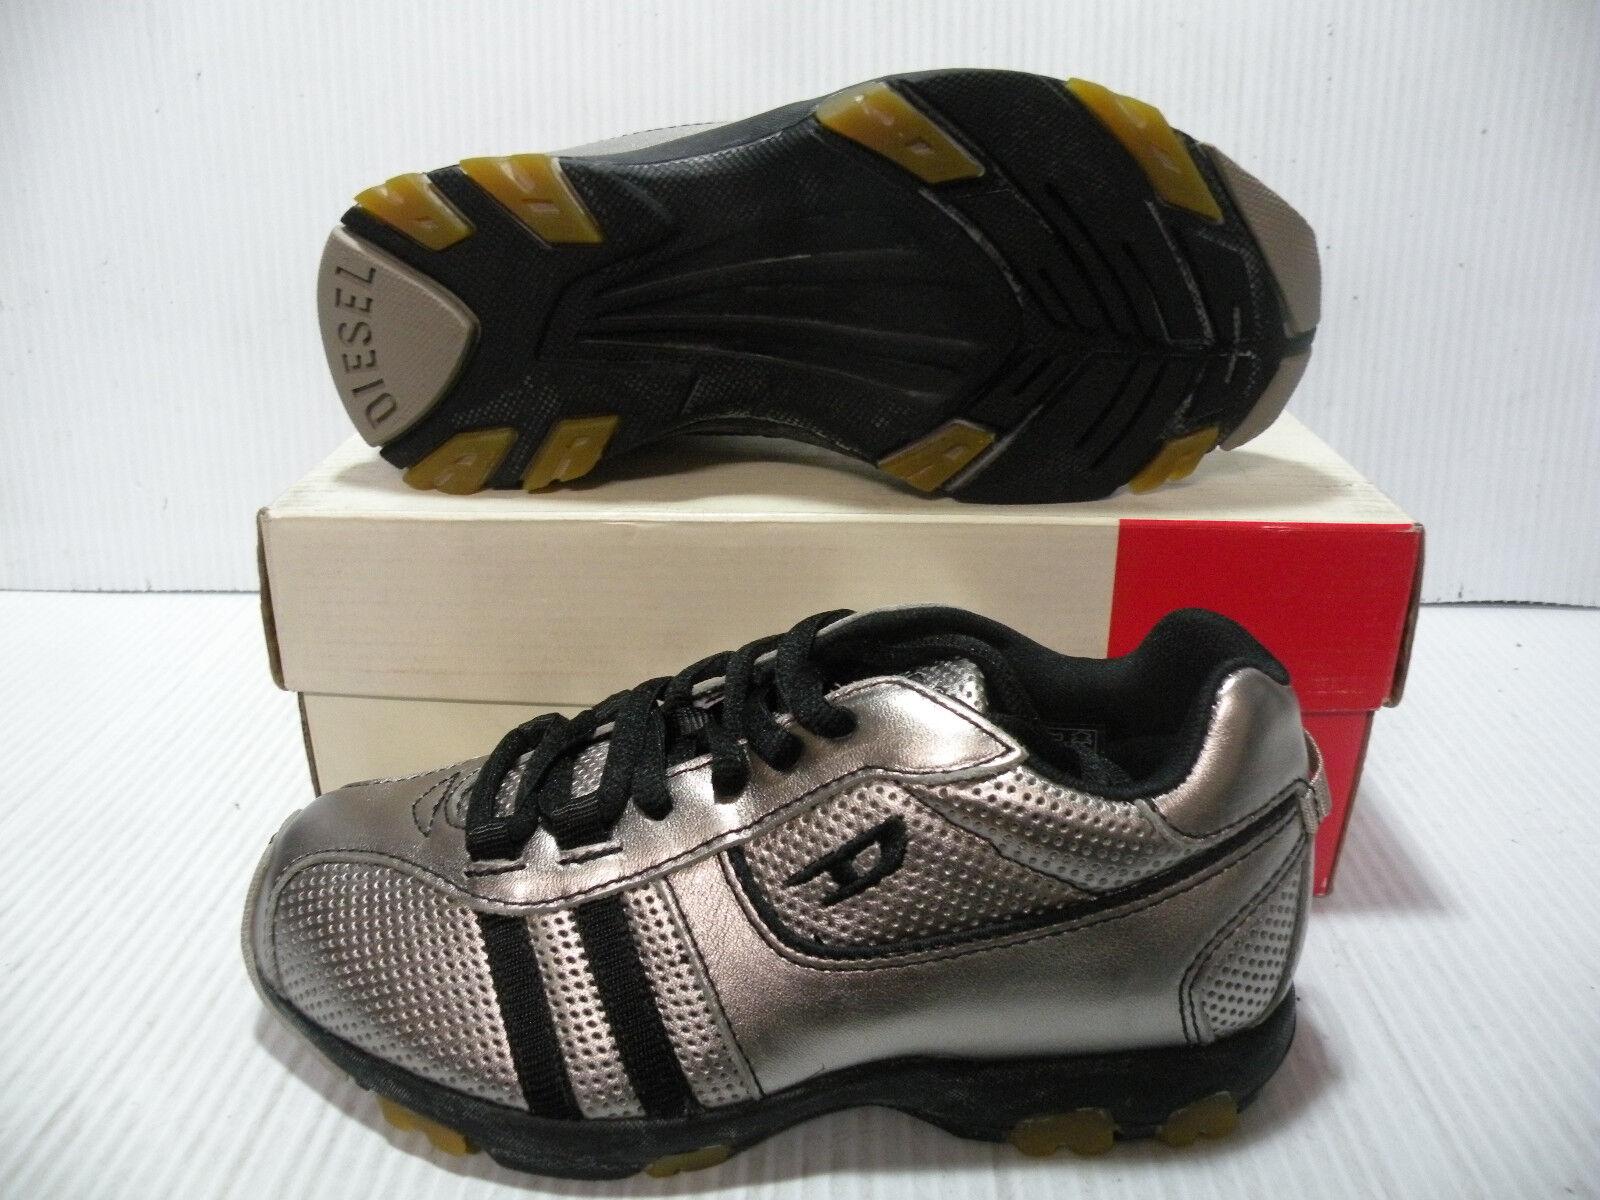 Diesel choque Psyke Baja Mujer Zapatos humo NEGRO NEGRO NEGRO 1907709 tamaño 5 Nuevo  increíbles descuentos